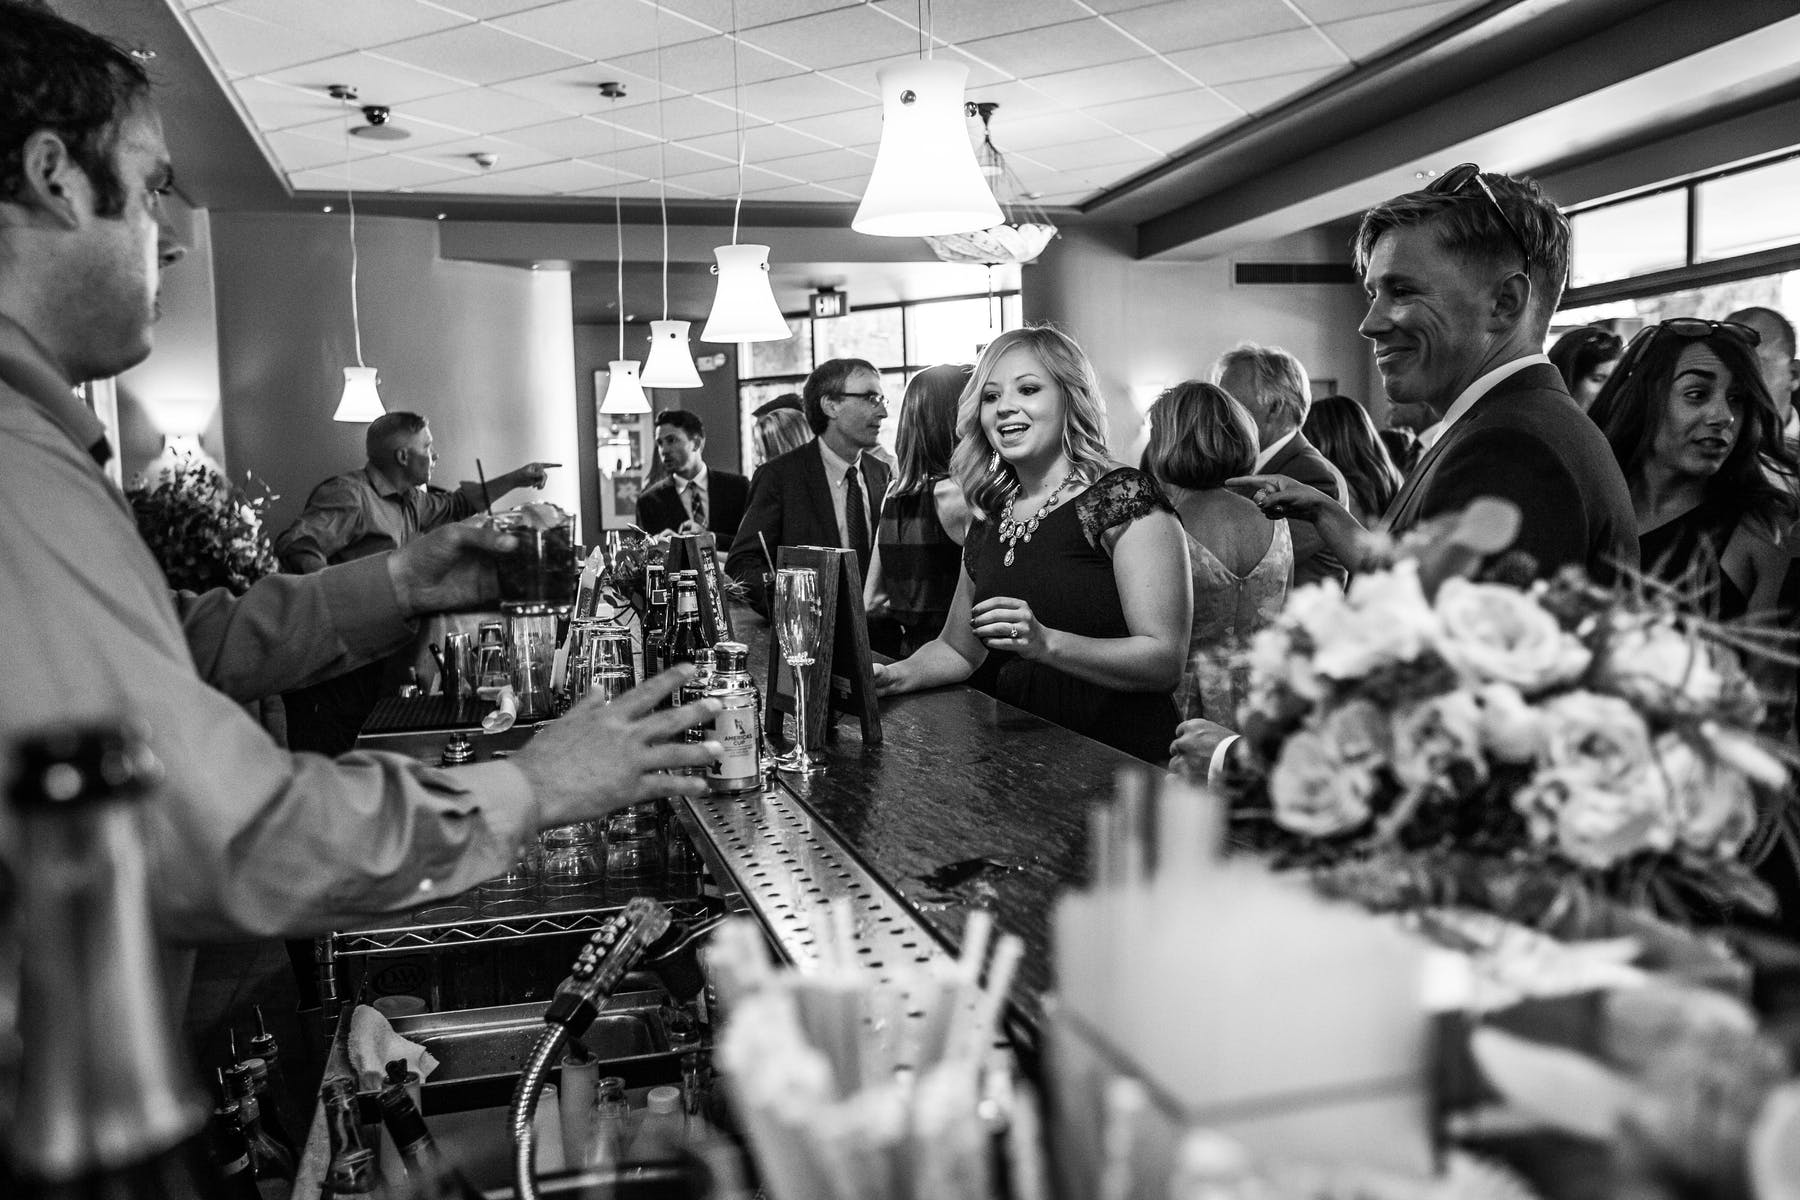 Larkspur Wedding Venue Vail Colorado Mountain Patio Bar